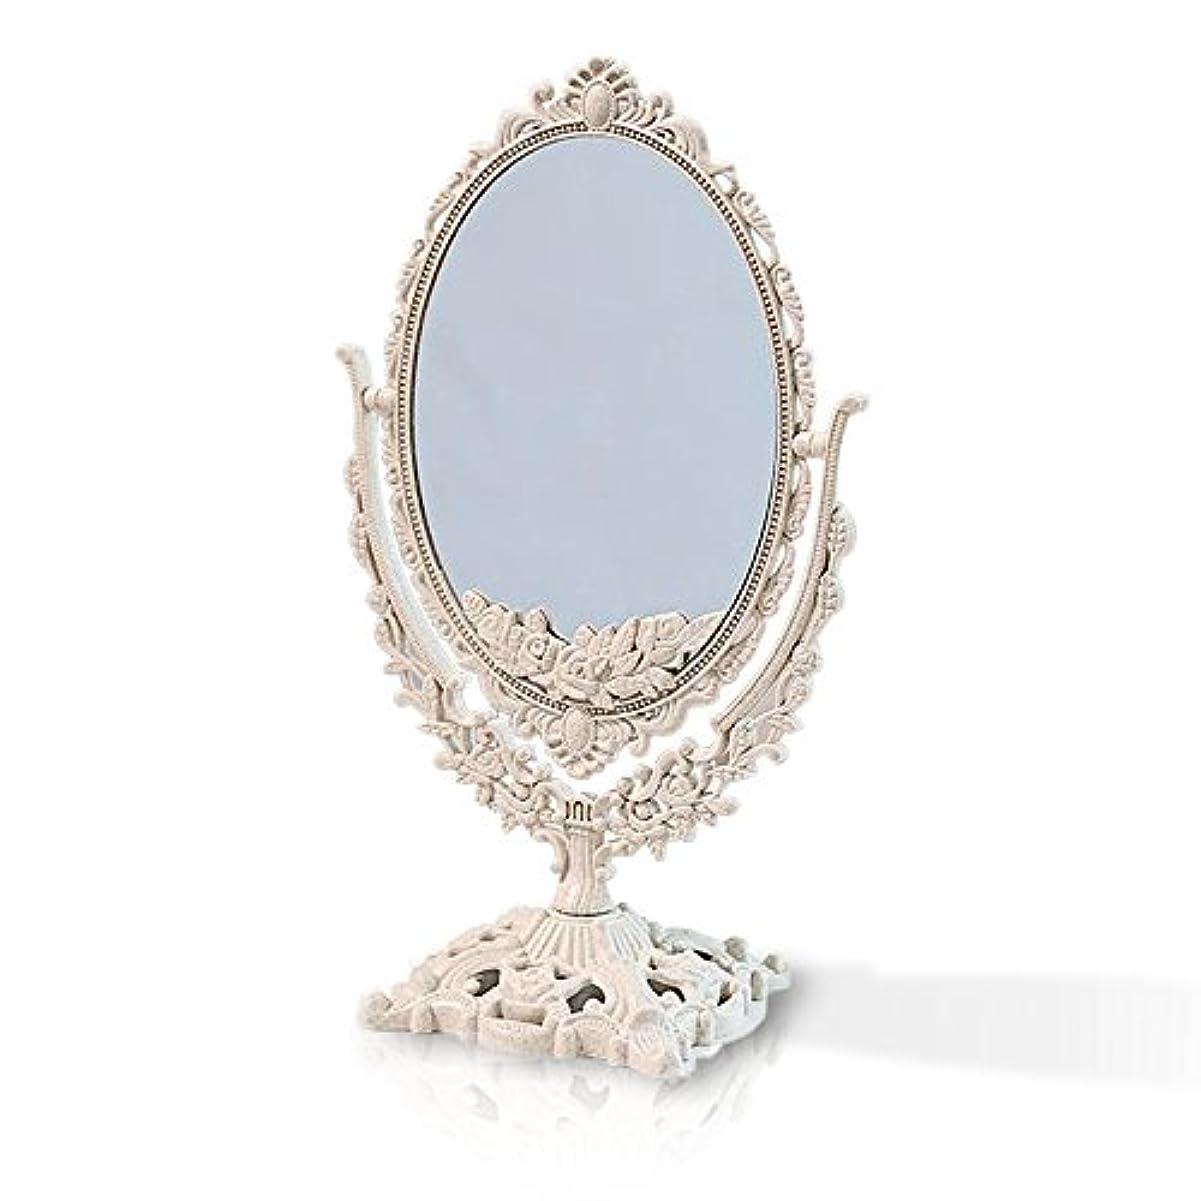 ナイトスポット取り扱いパス桜の雪 【3倍拡大鏡付き】 両面化粧鏡  ヨーロッパ式 (大きい型)